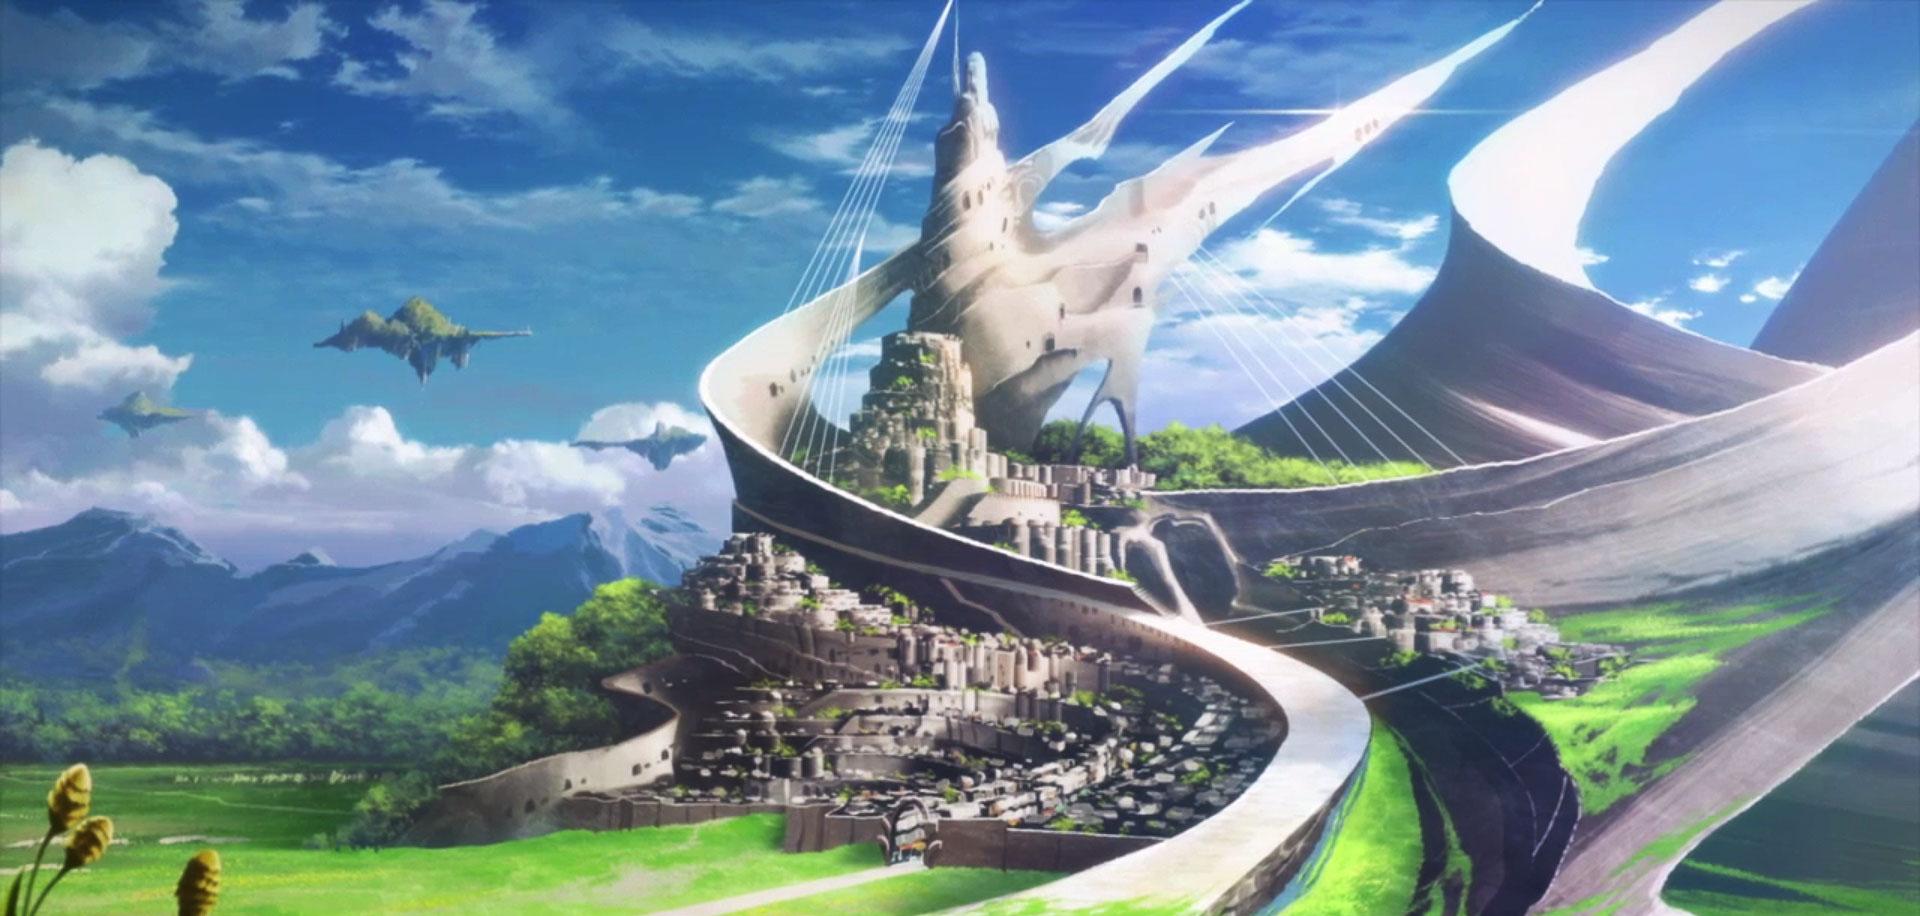 Top 10 Visually Stunning Anime